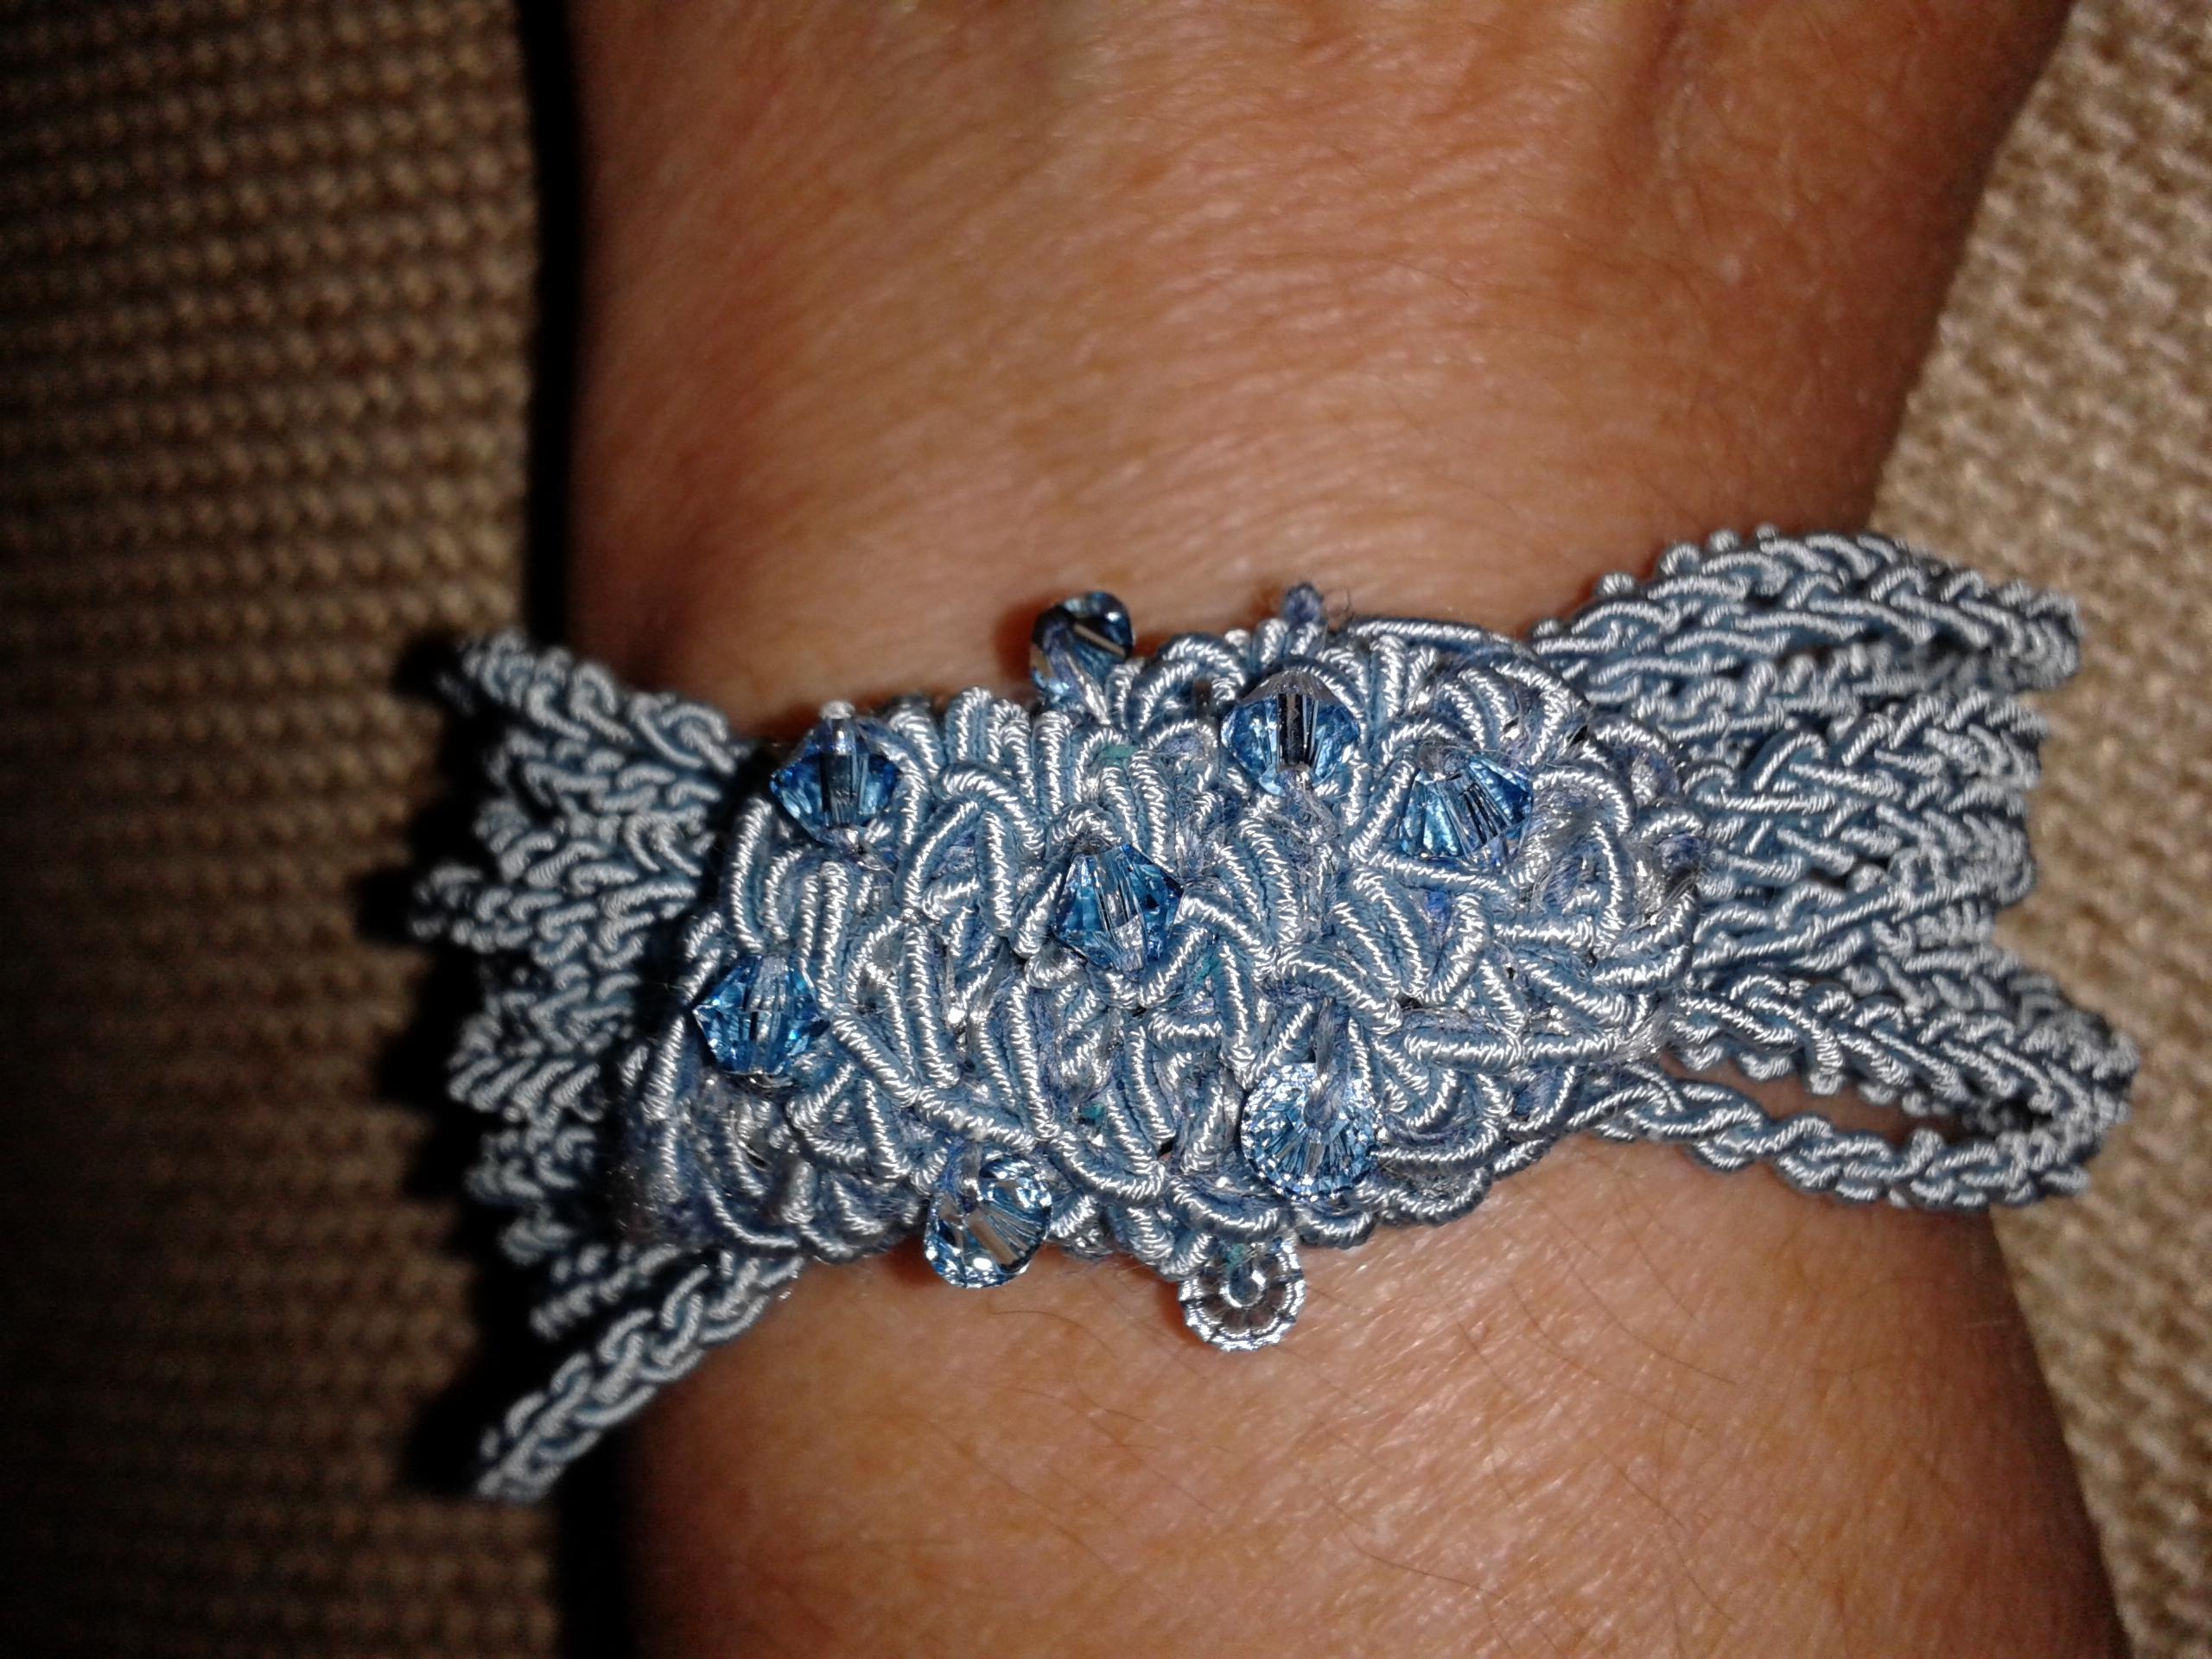 Raccogliere personalizzate in vendita Gioielli tessili: bracciali assolutamente anallergici - DeisIDEE